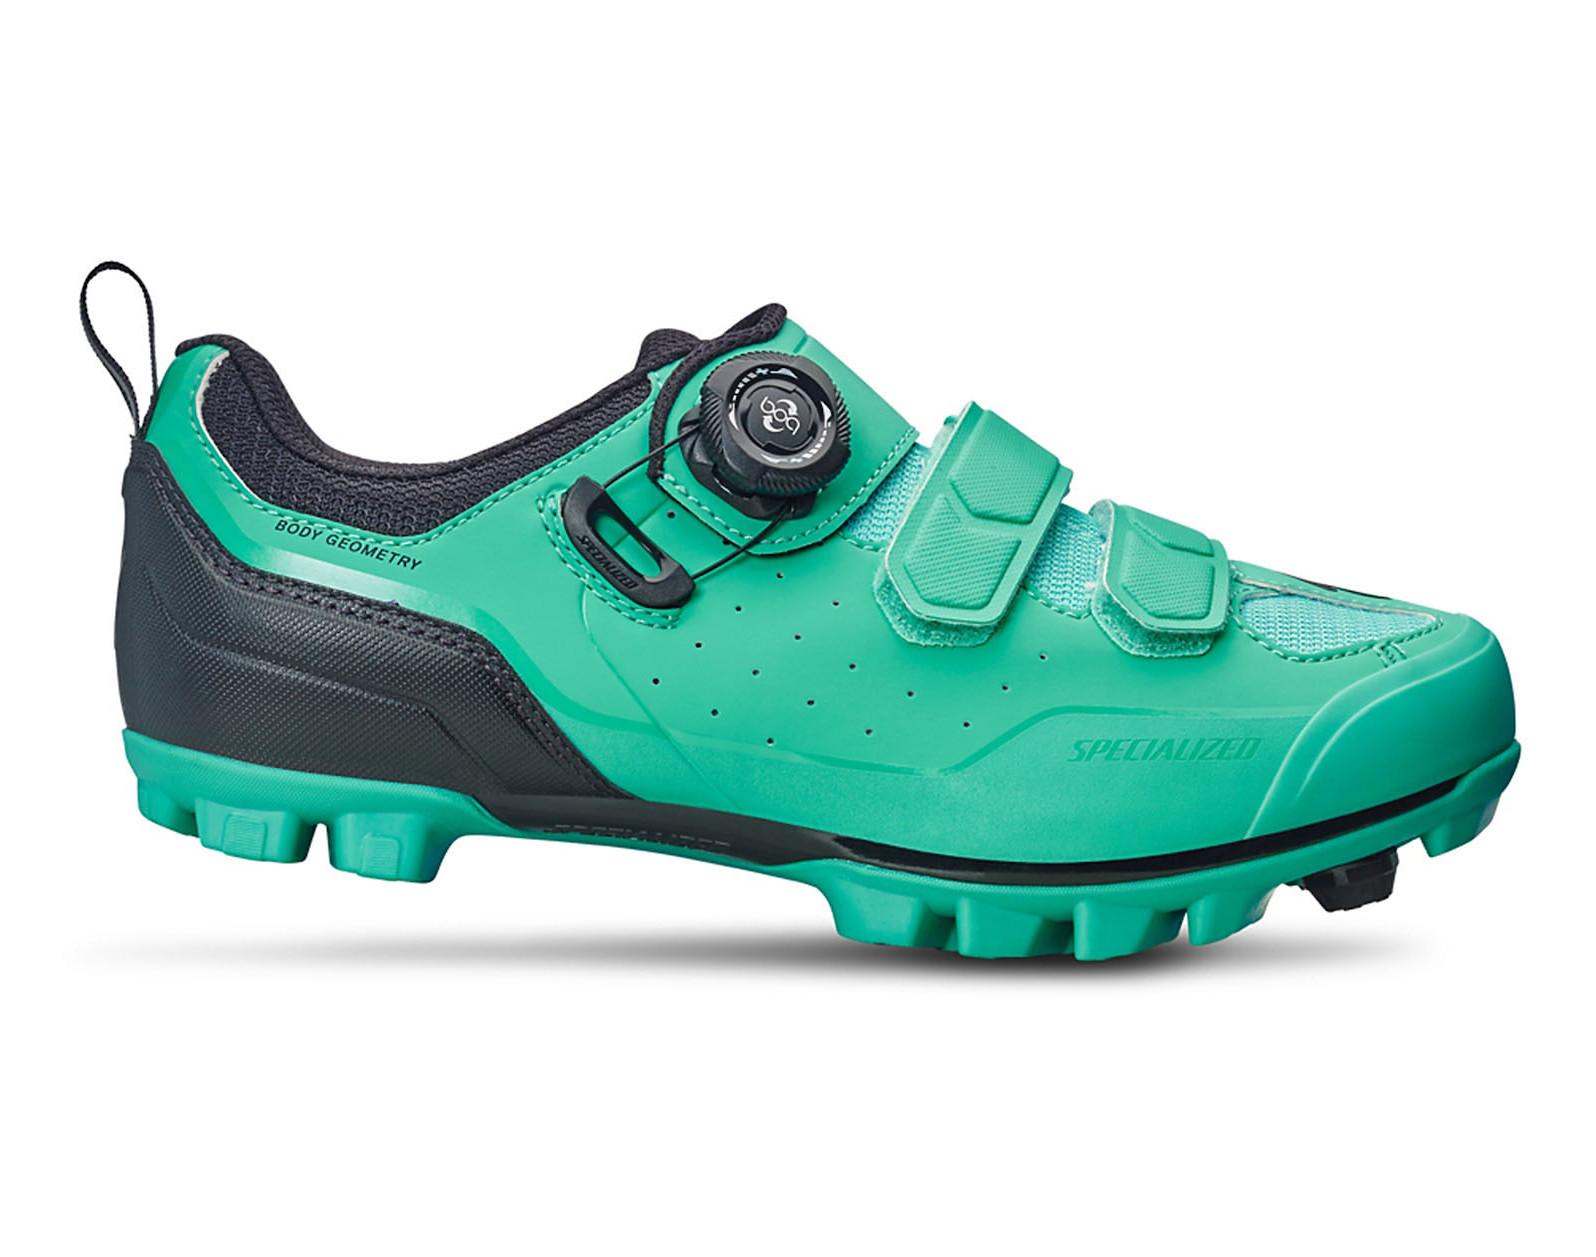 Specialized Motodiva Women's Clipless Shoe (Mint)